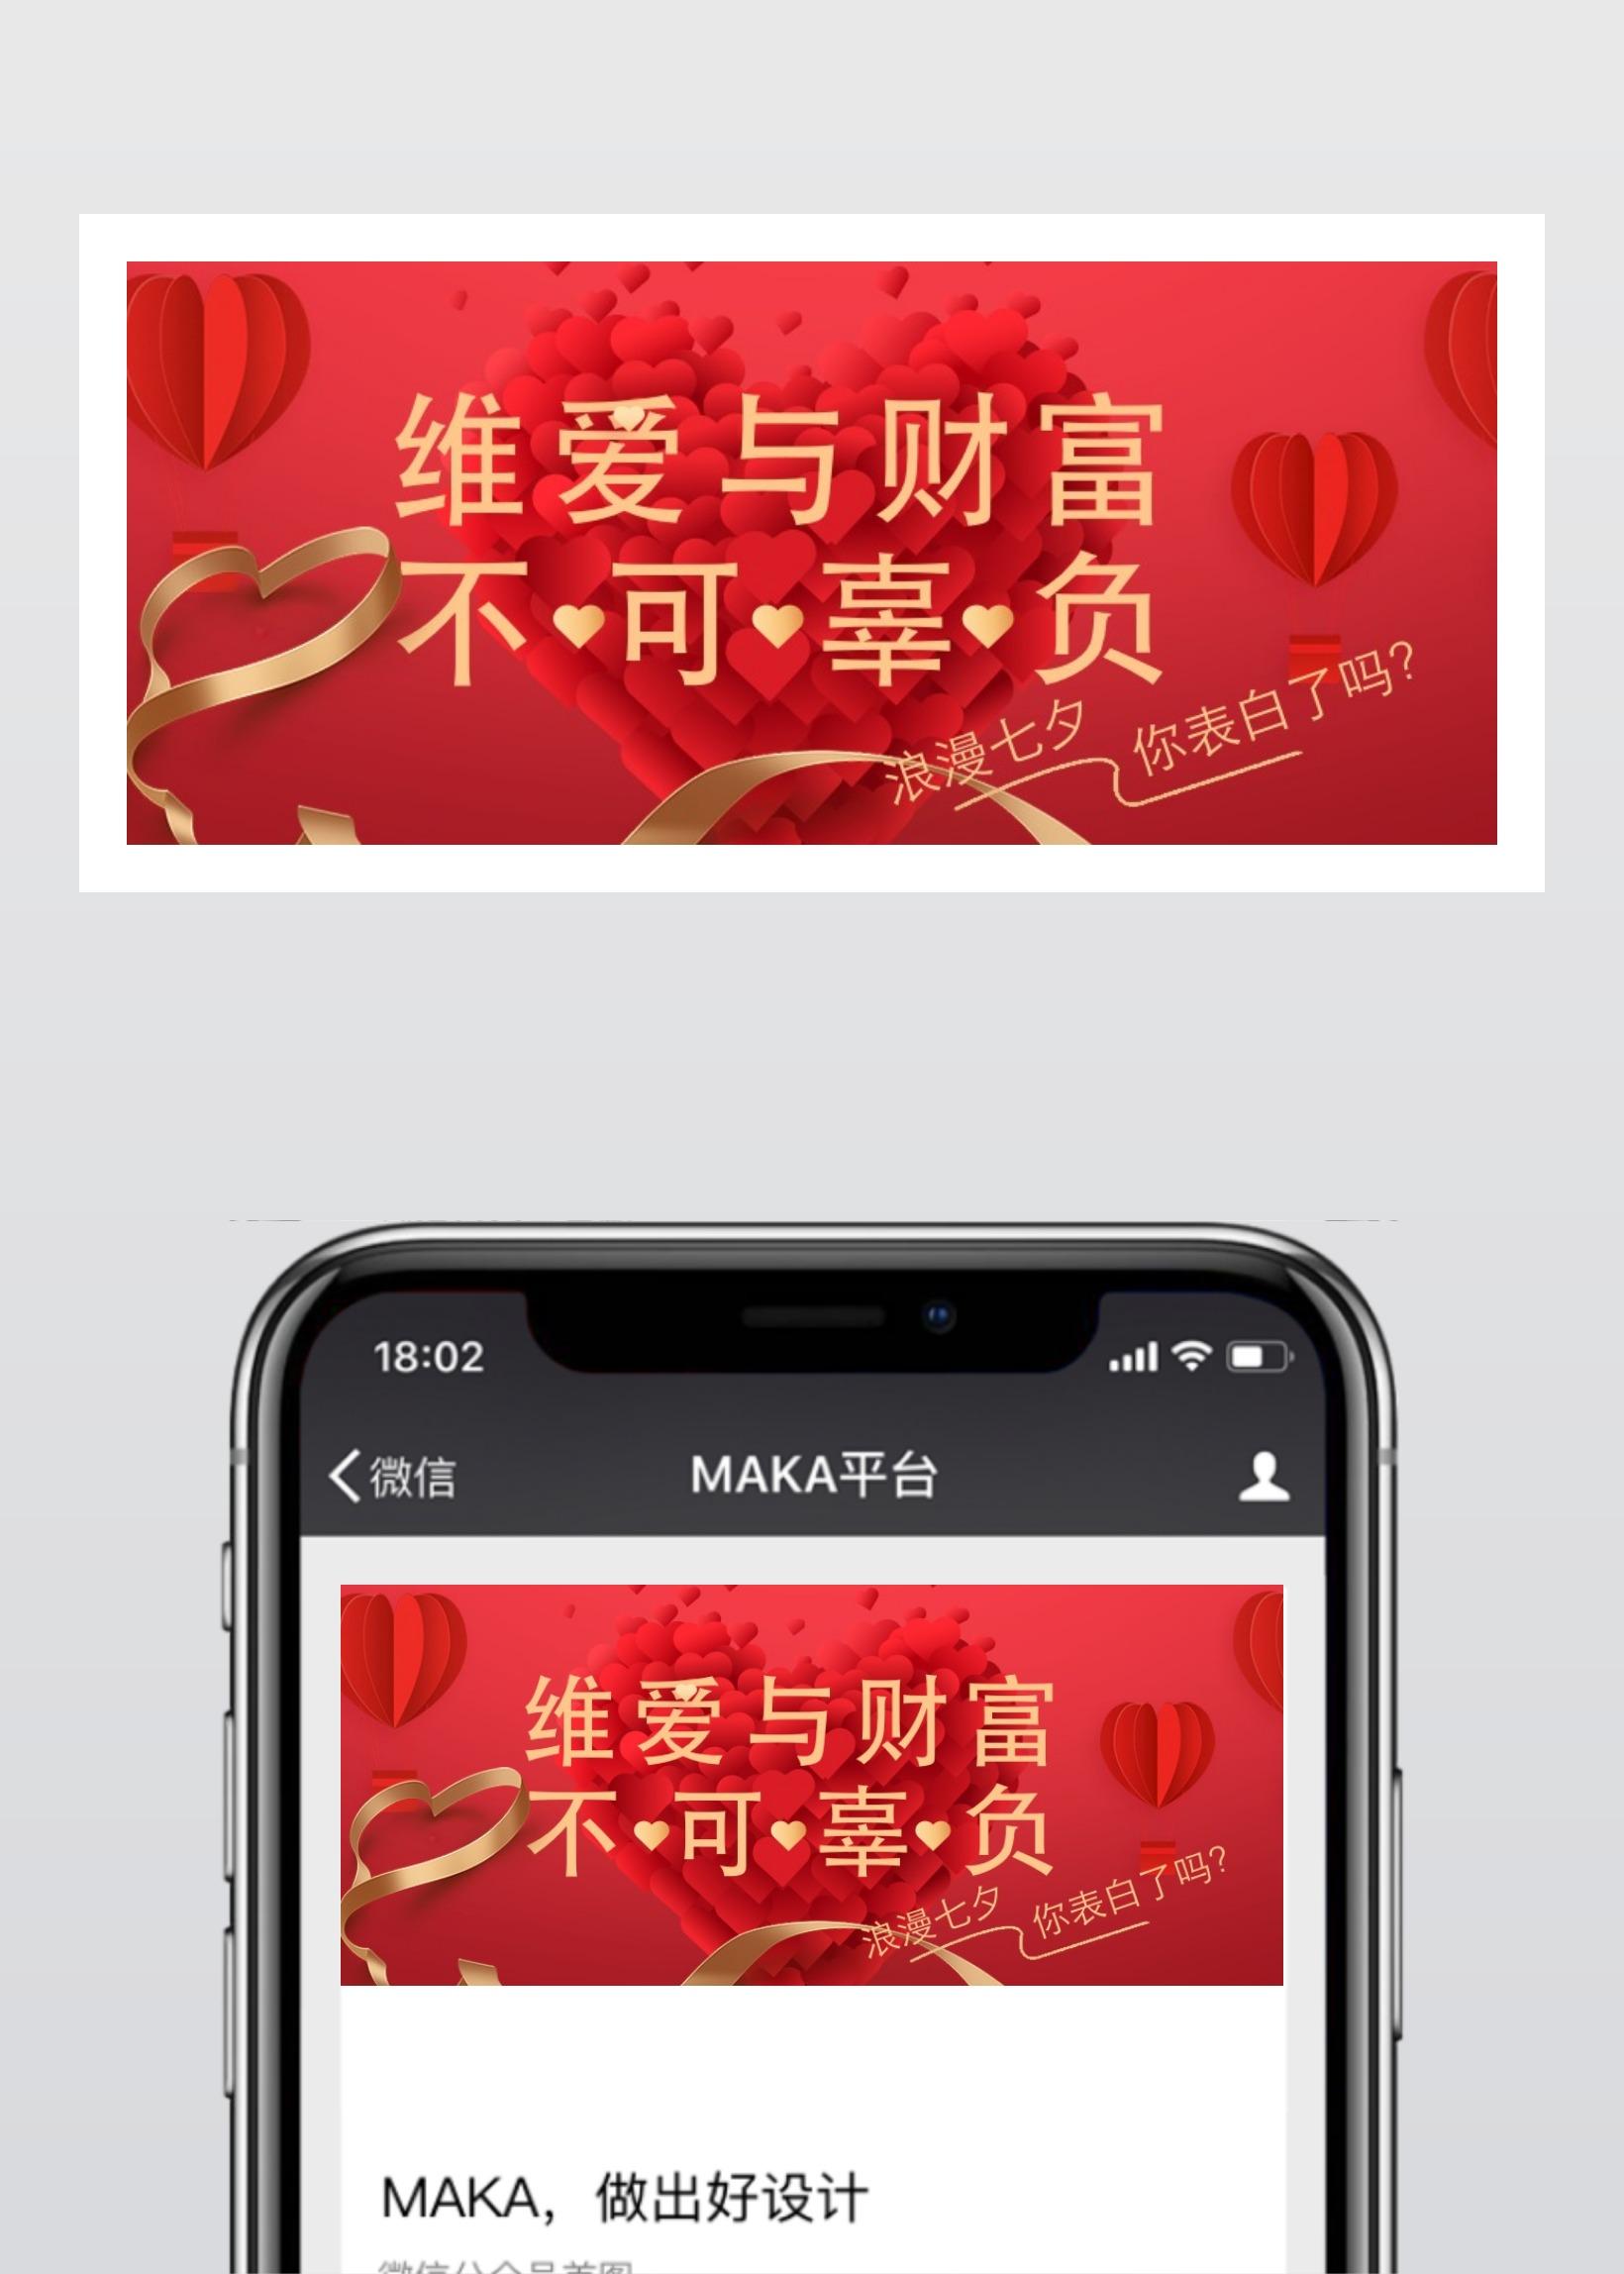 红色简约大气设计风格中国情人节七夕表白、祝福活动微信公众号大图